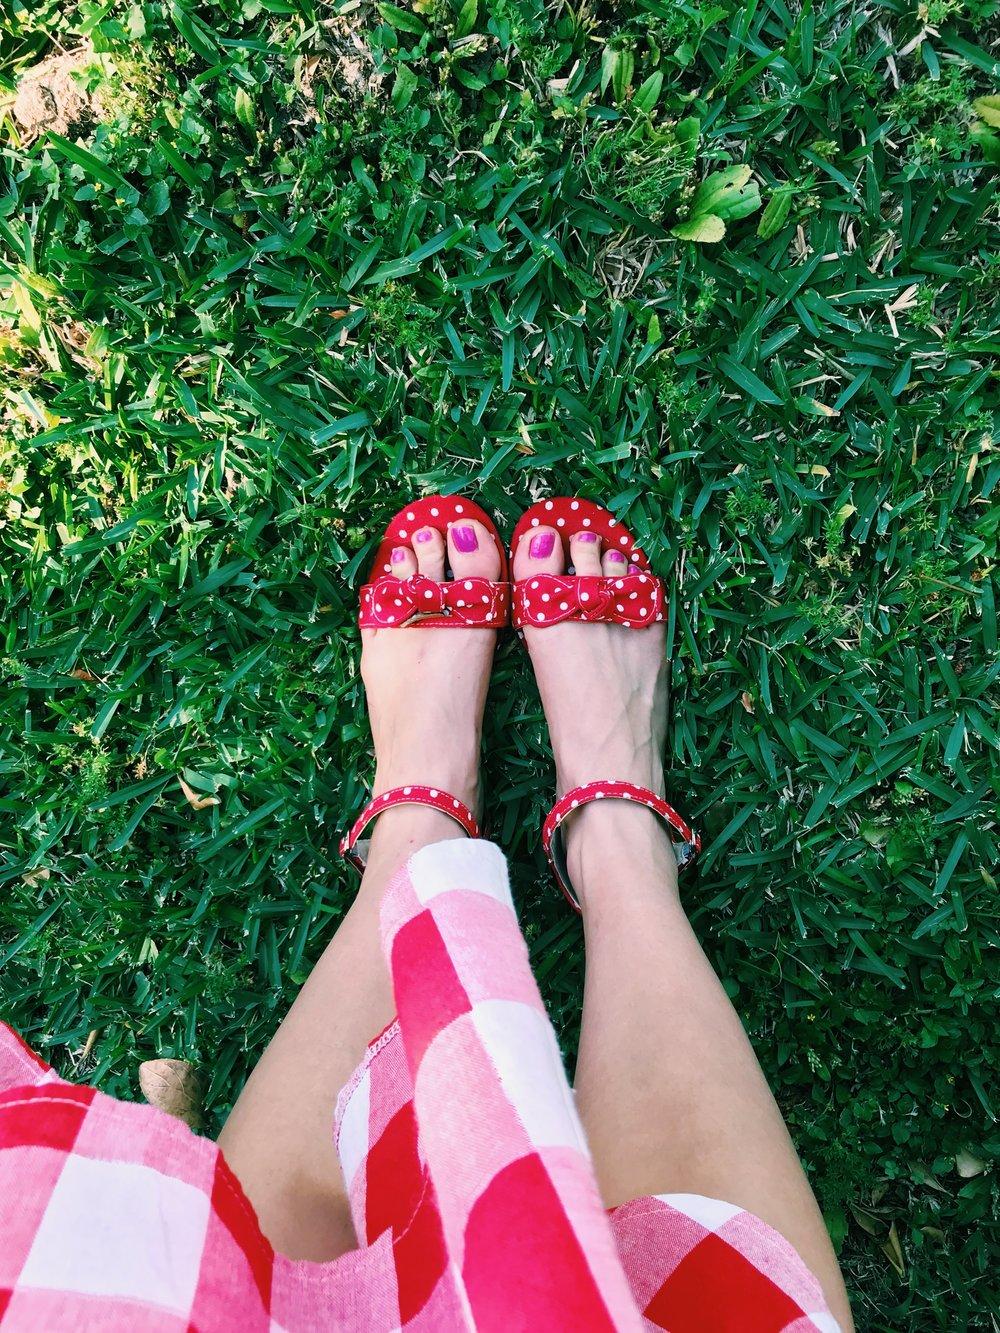 Three Heel Clicks - Picnic Red in Spring (14).jpg